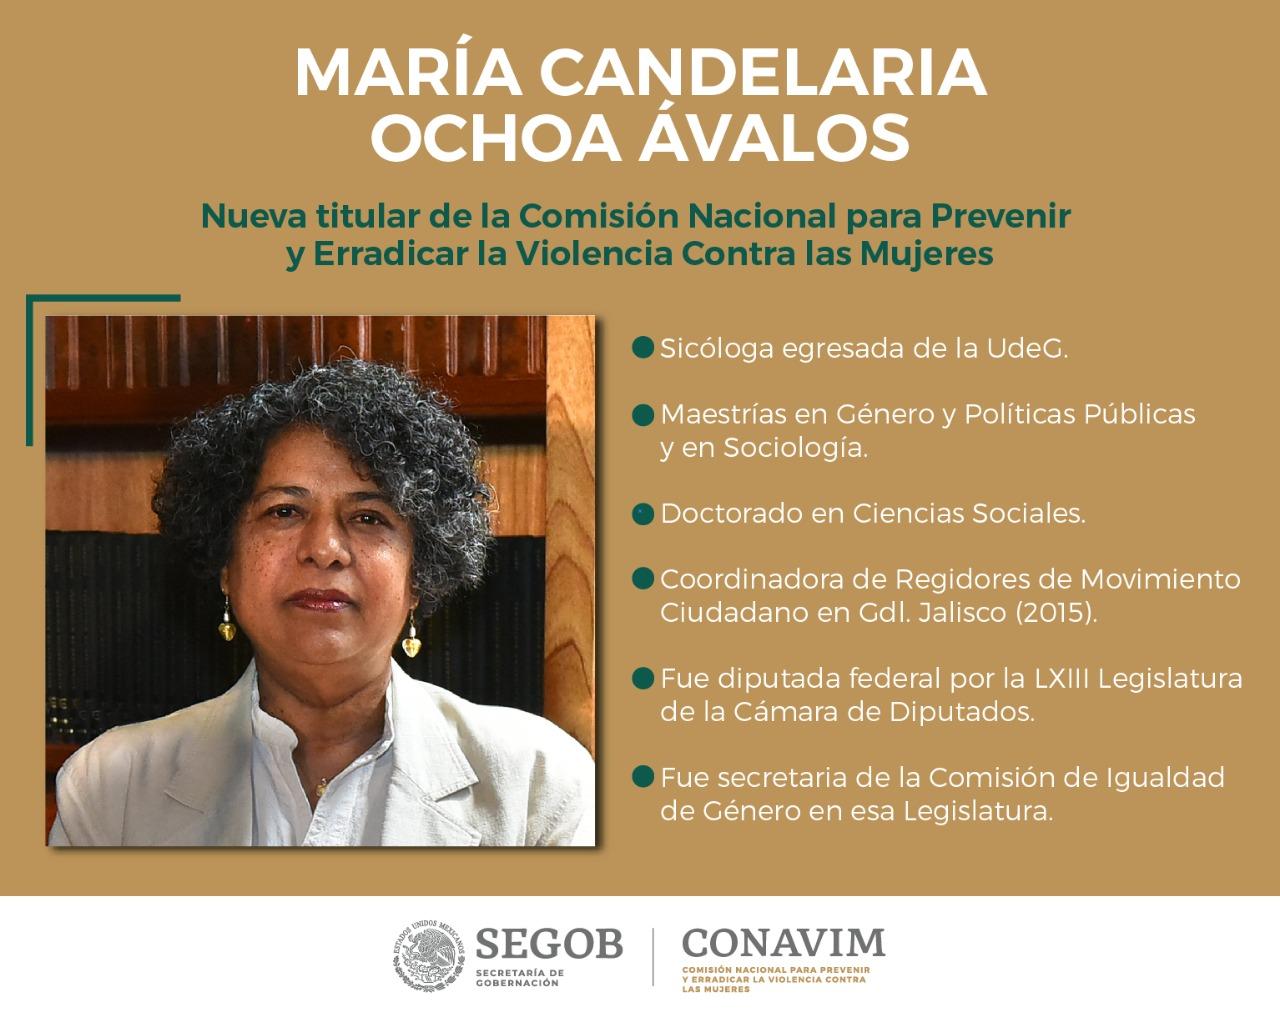 /cms/uploads/image/file/482984/Candelaria_Ochoa.jpeg